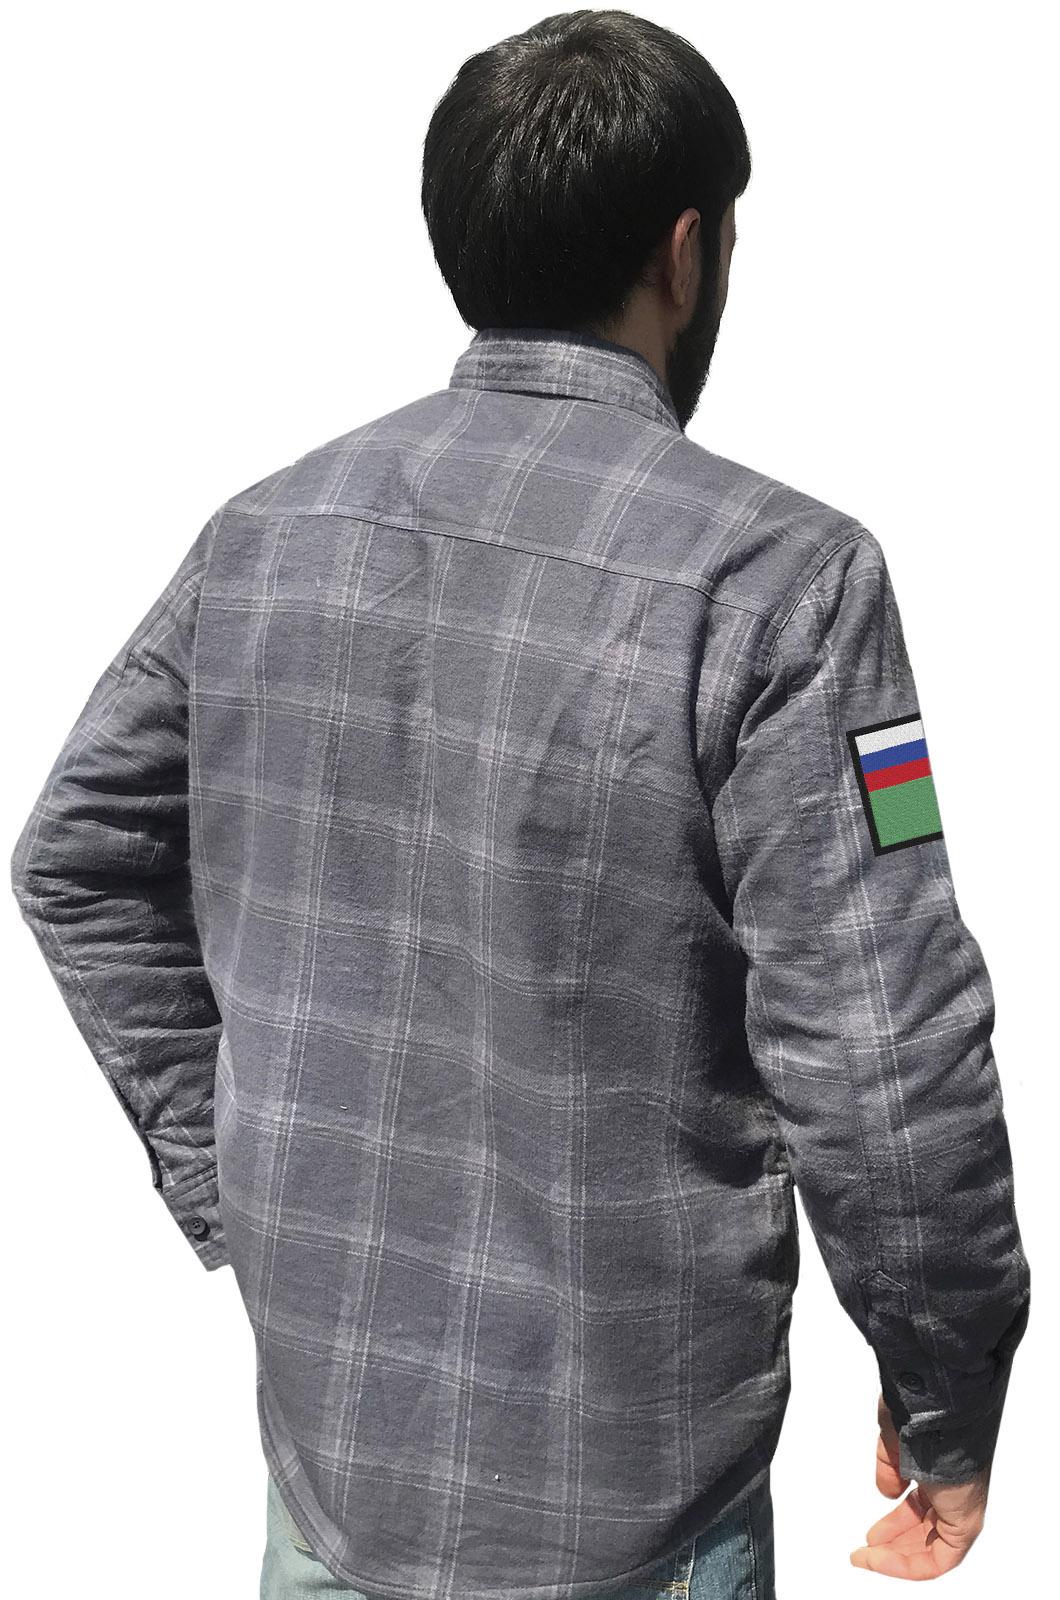 Купить строгую рубашку с вышитым шевроном ФССП с доставкой в любой город